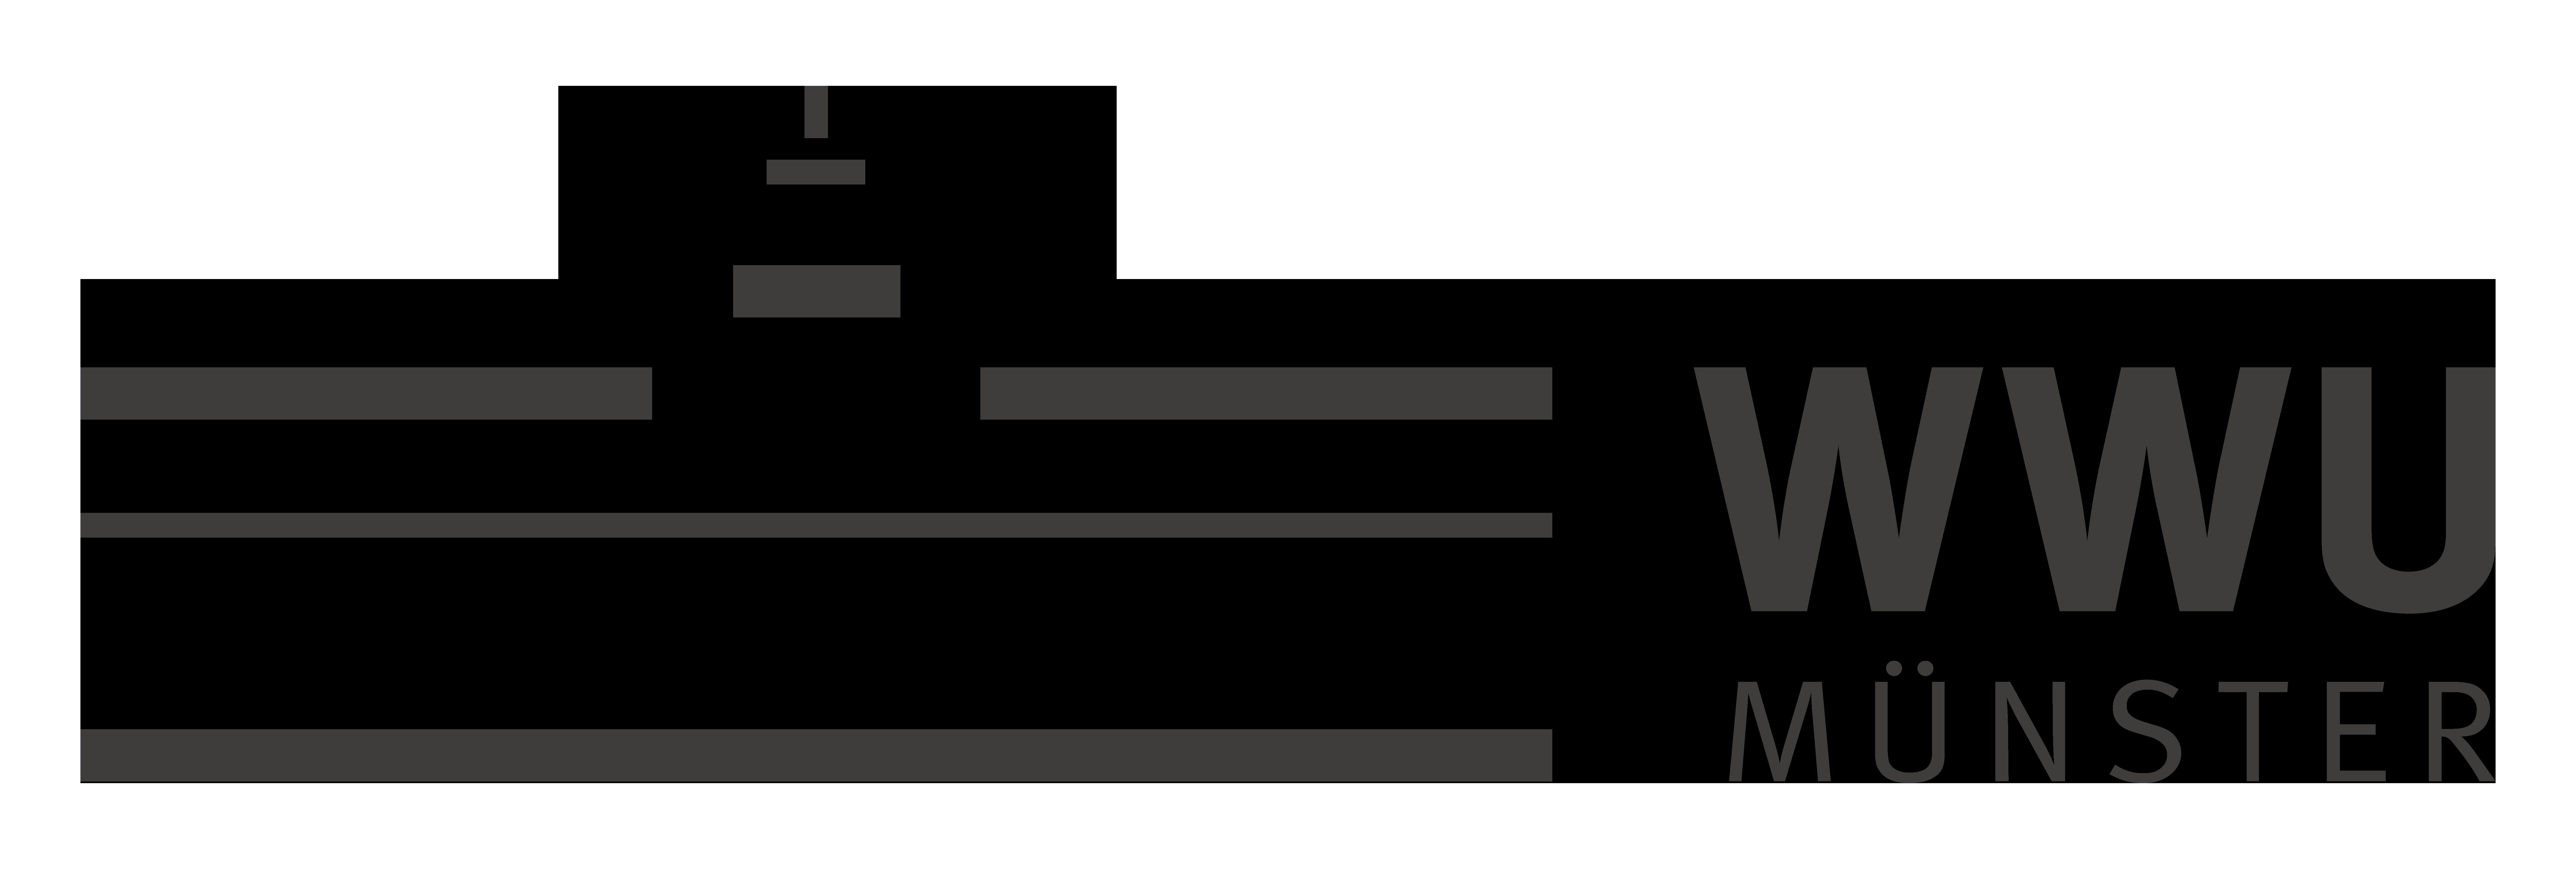 Logo der Universität Münster (Link zur Startseite der Universität Münster)